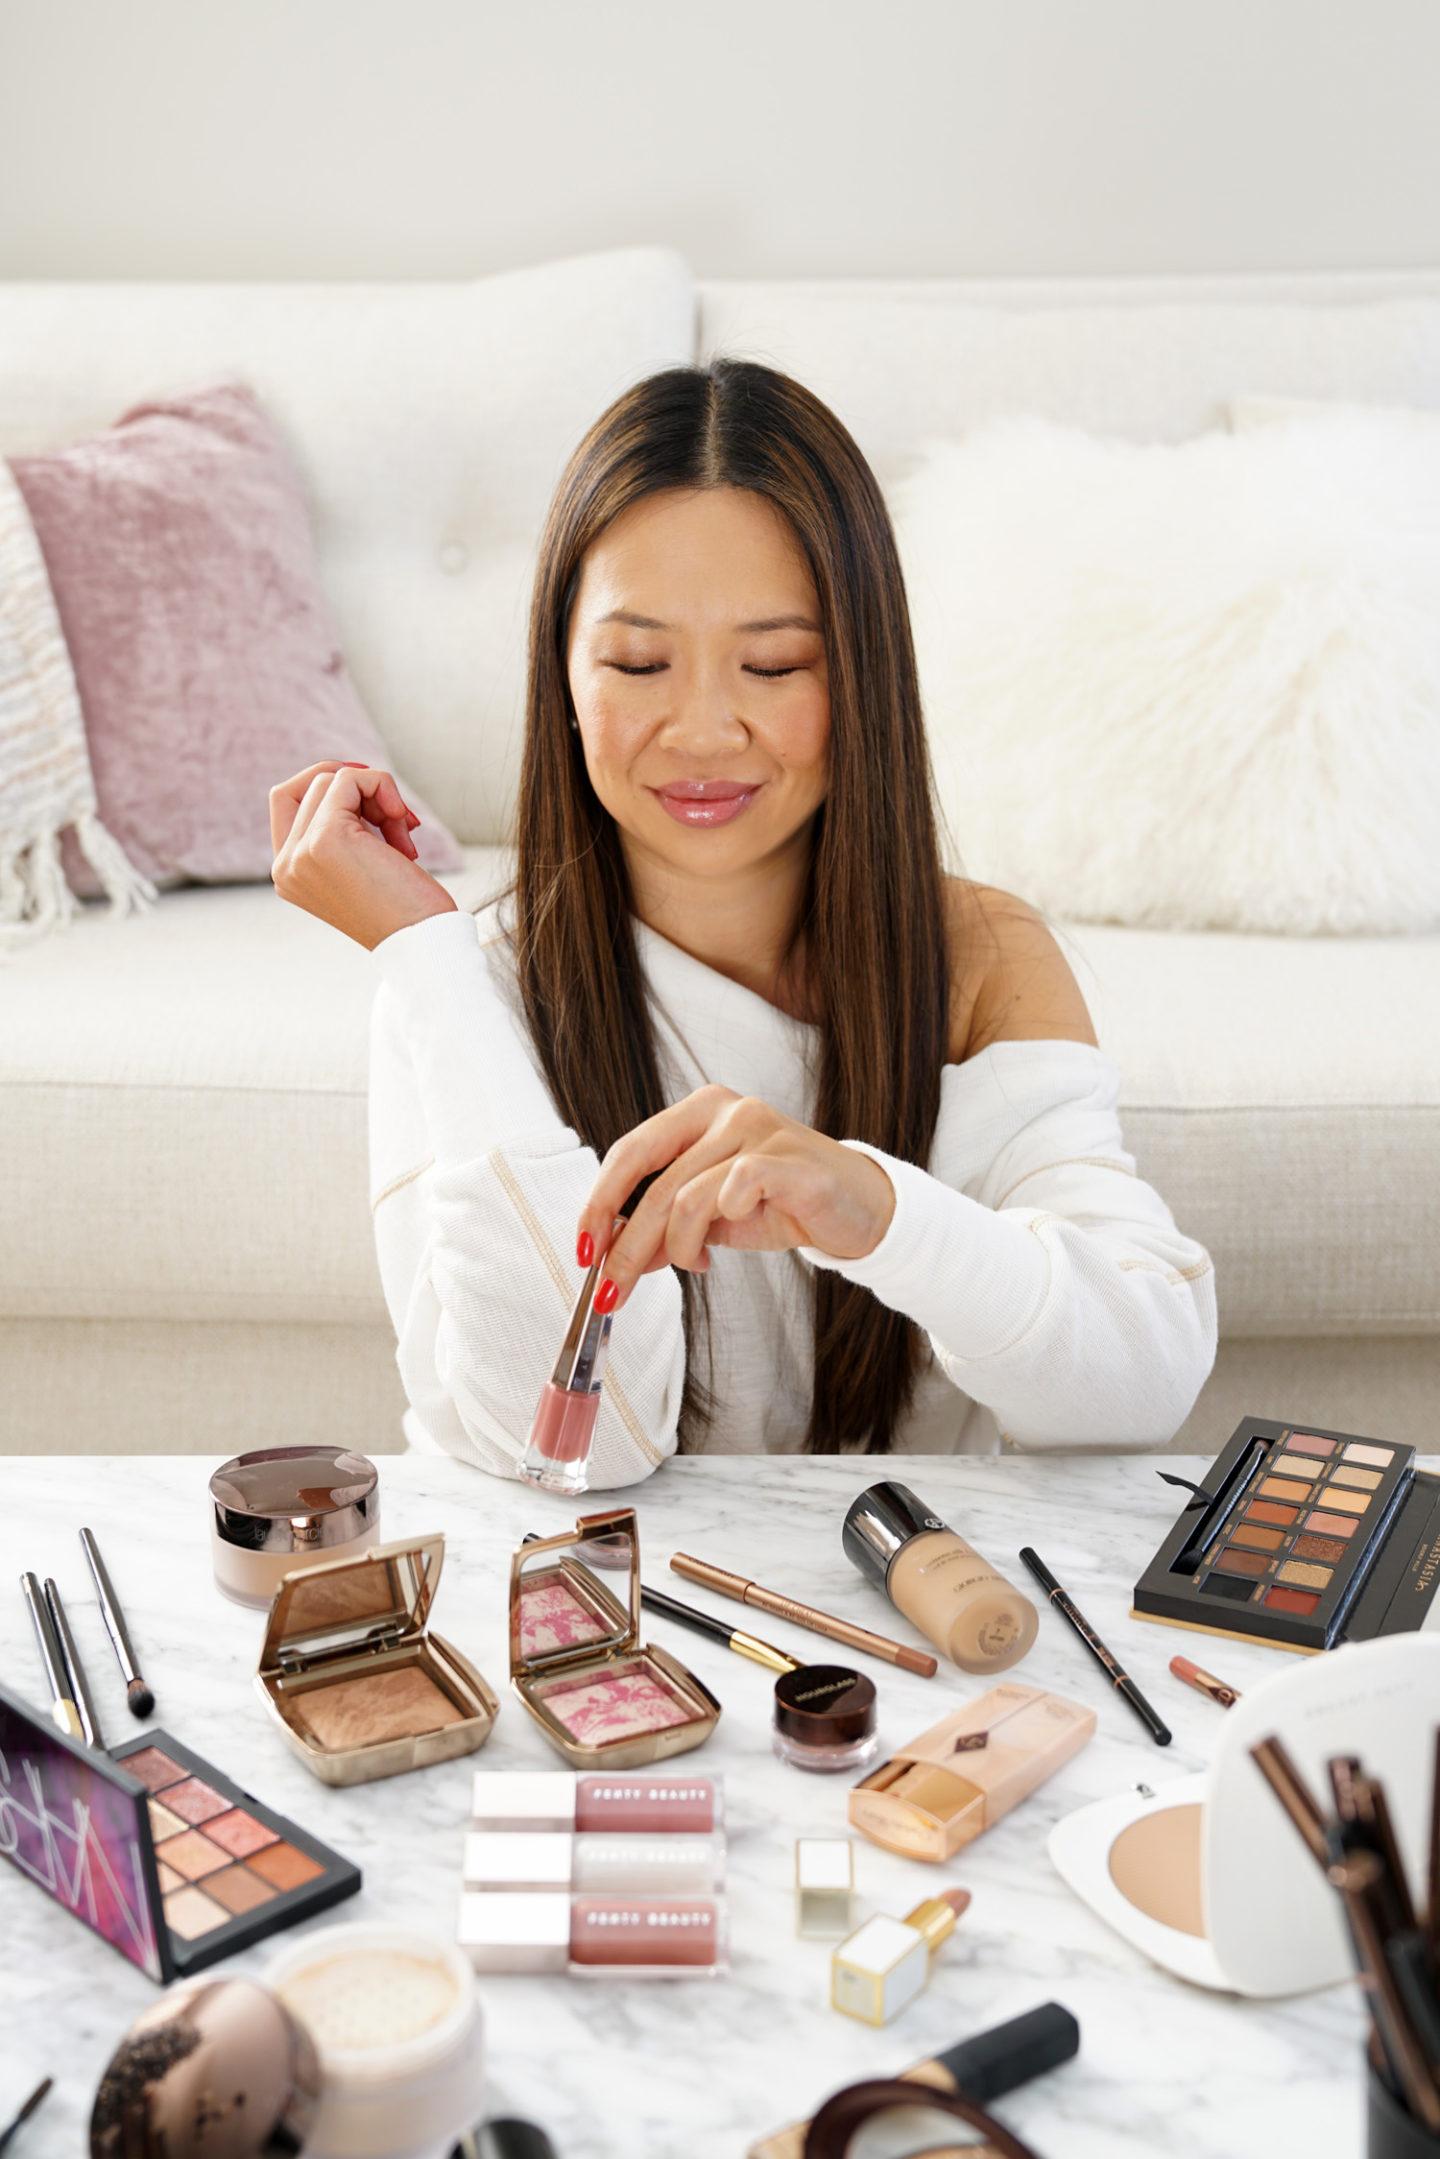 Un maquillage éclatant pour la peau composé d'un sablier, de Fenty, d'Anastasia Beverly Hills, de Charlotte Tilbury et de plus encore de Sephora